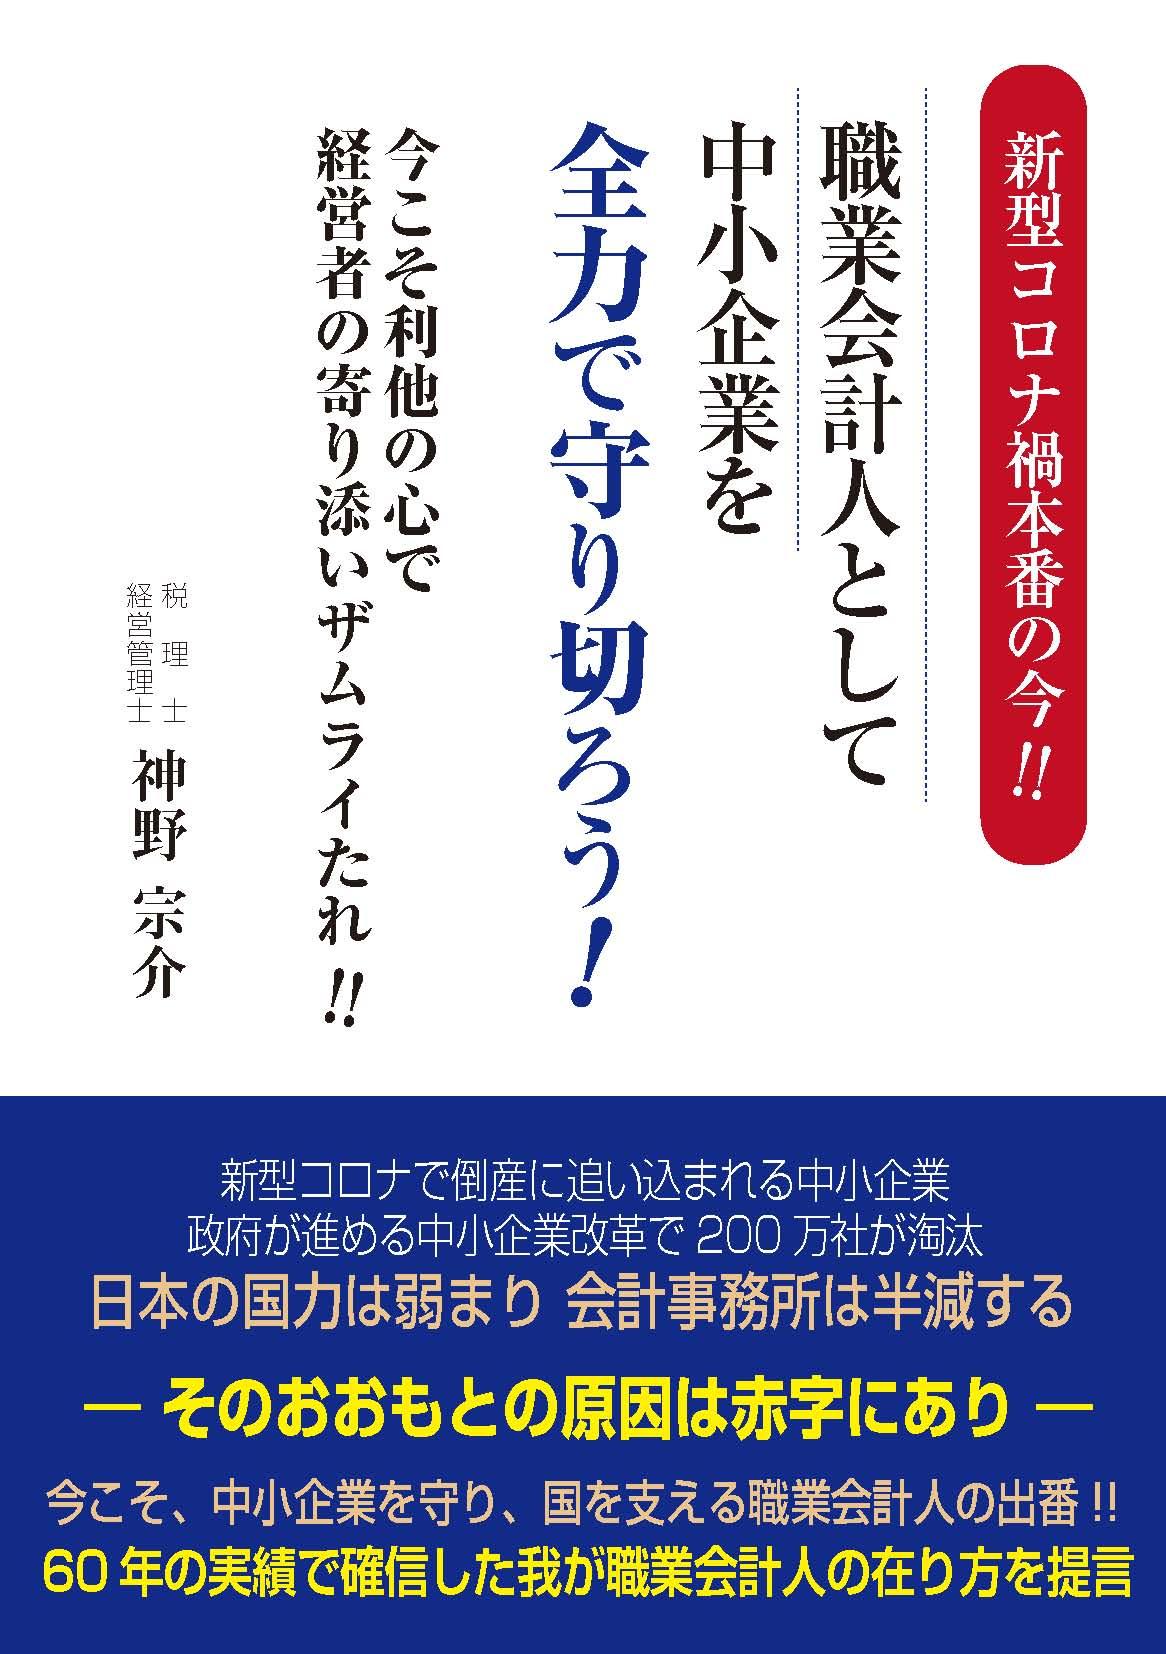 新型コロナ禍本番の今!! 職業会計人として中小企業を全力で守り切ろう!!